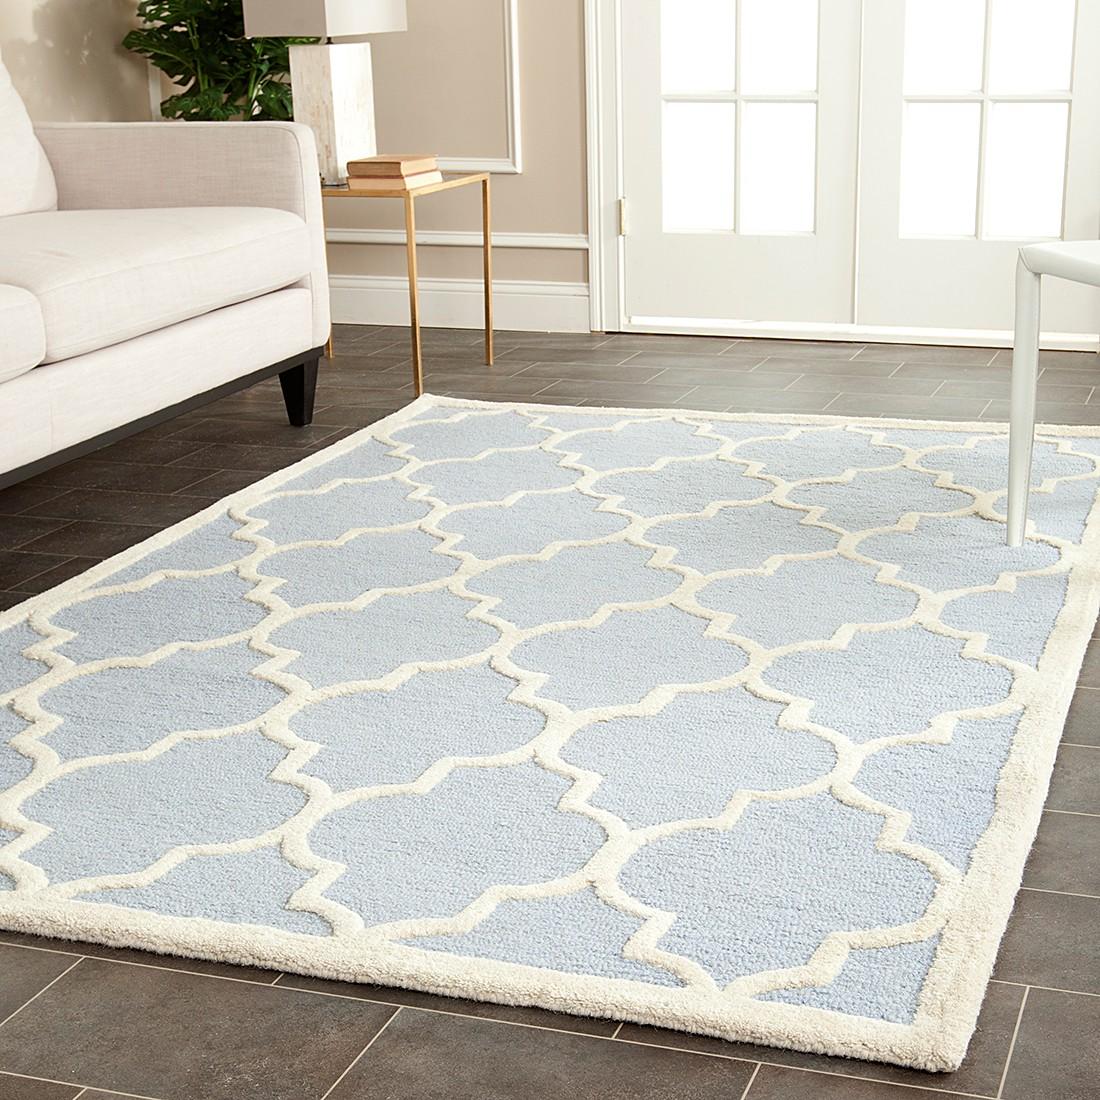 Teppich Everly  HellblauElfenbein  Maße 121 x 182 cm